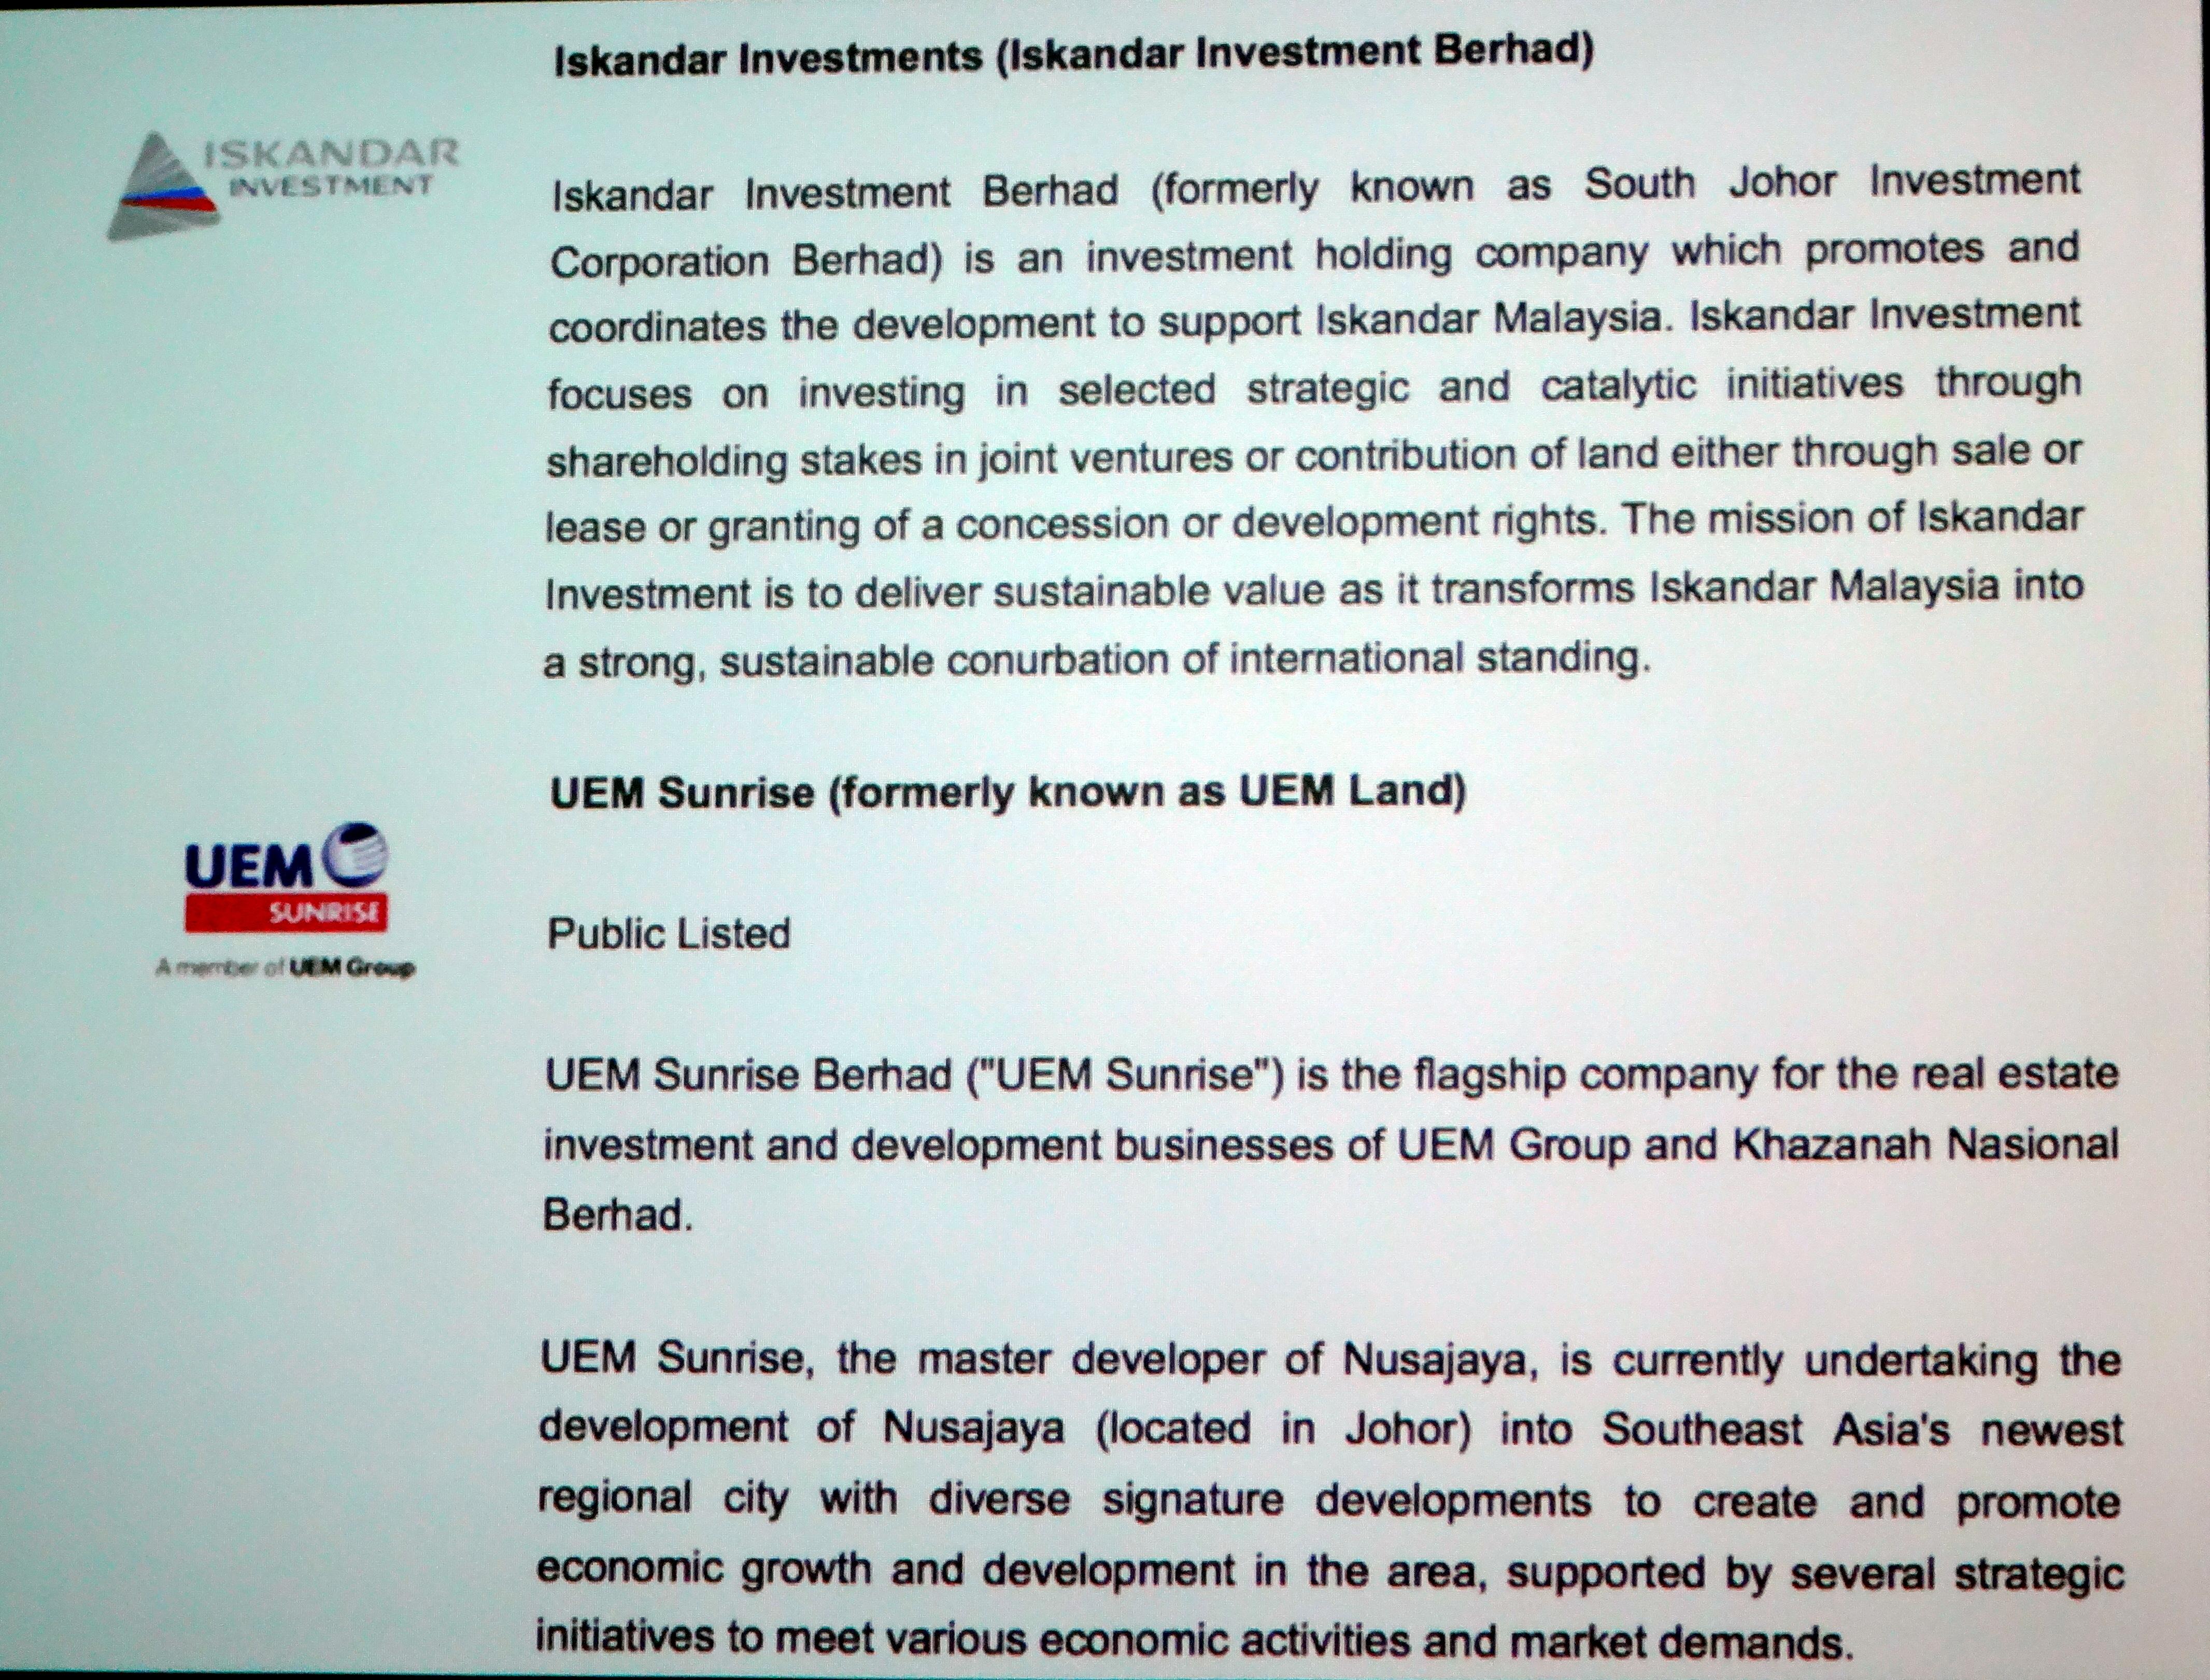 Iskandar Investments (Iskandar InvestmentBerhad)